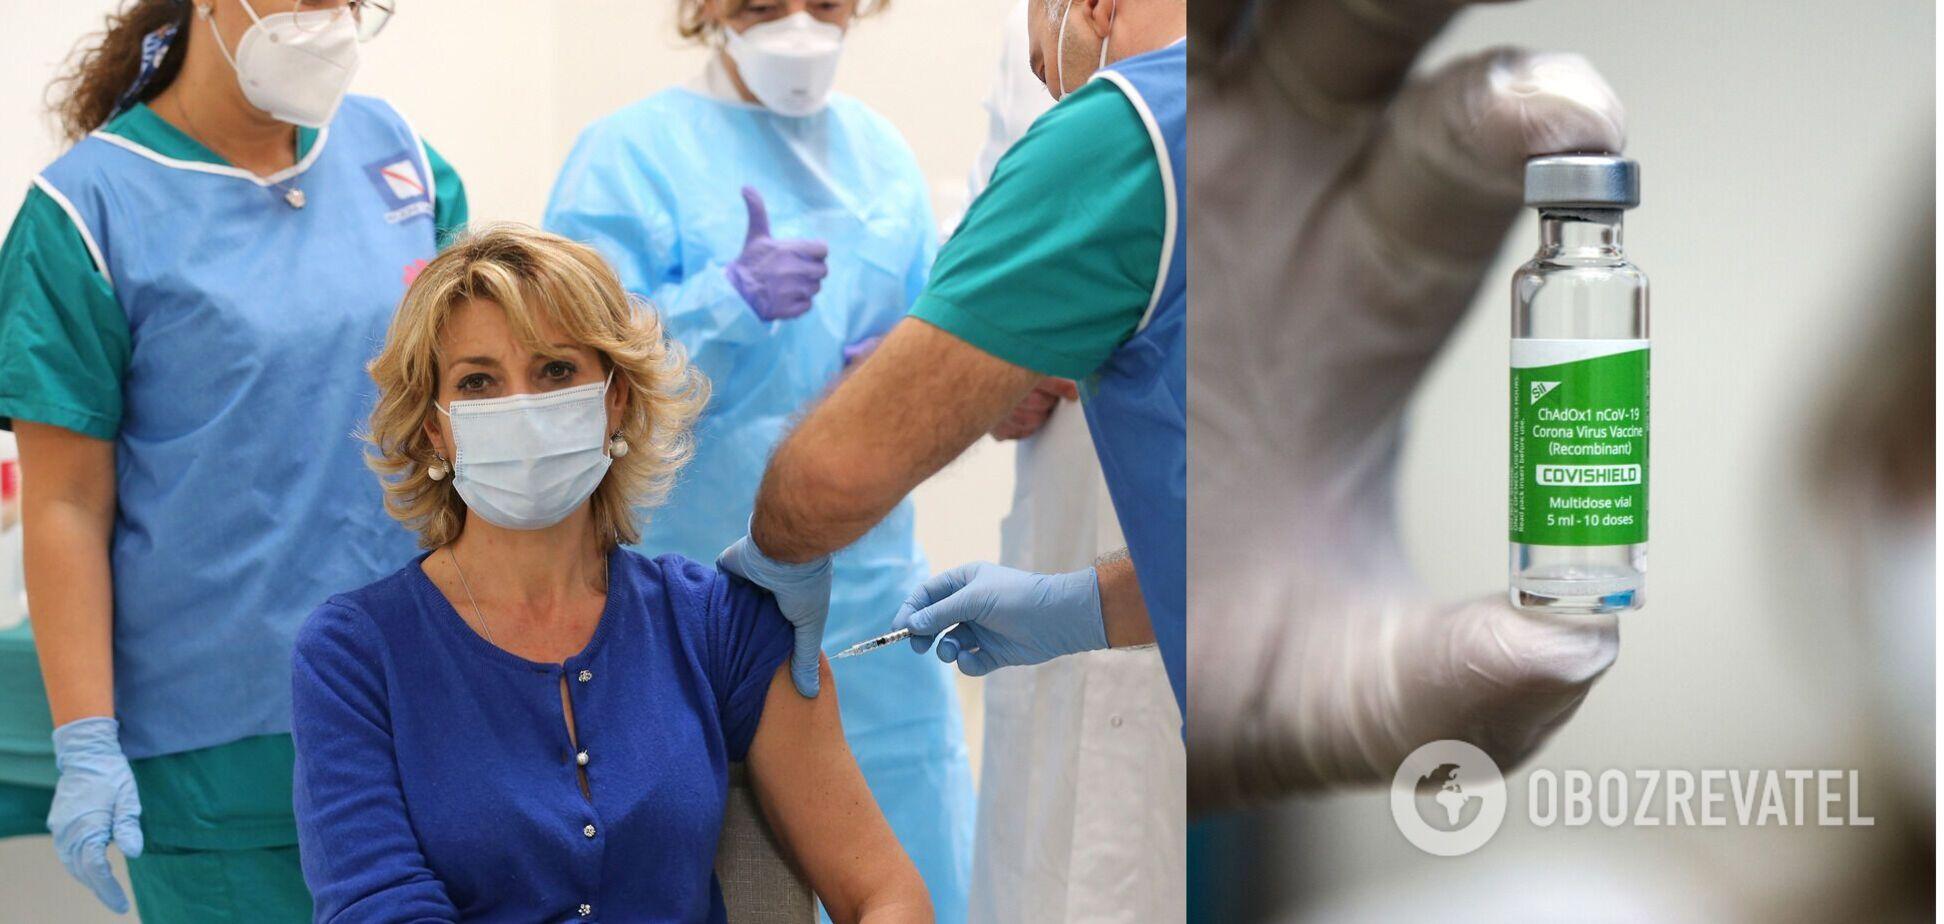 Кого прививать в первую очередь: медик сказала, как замедлить эпидемию